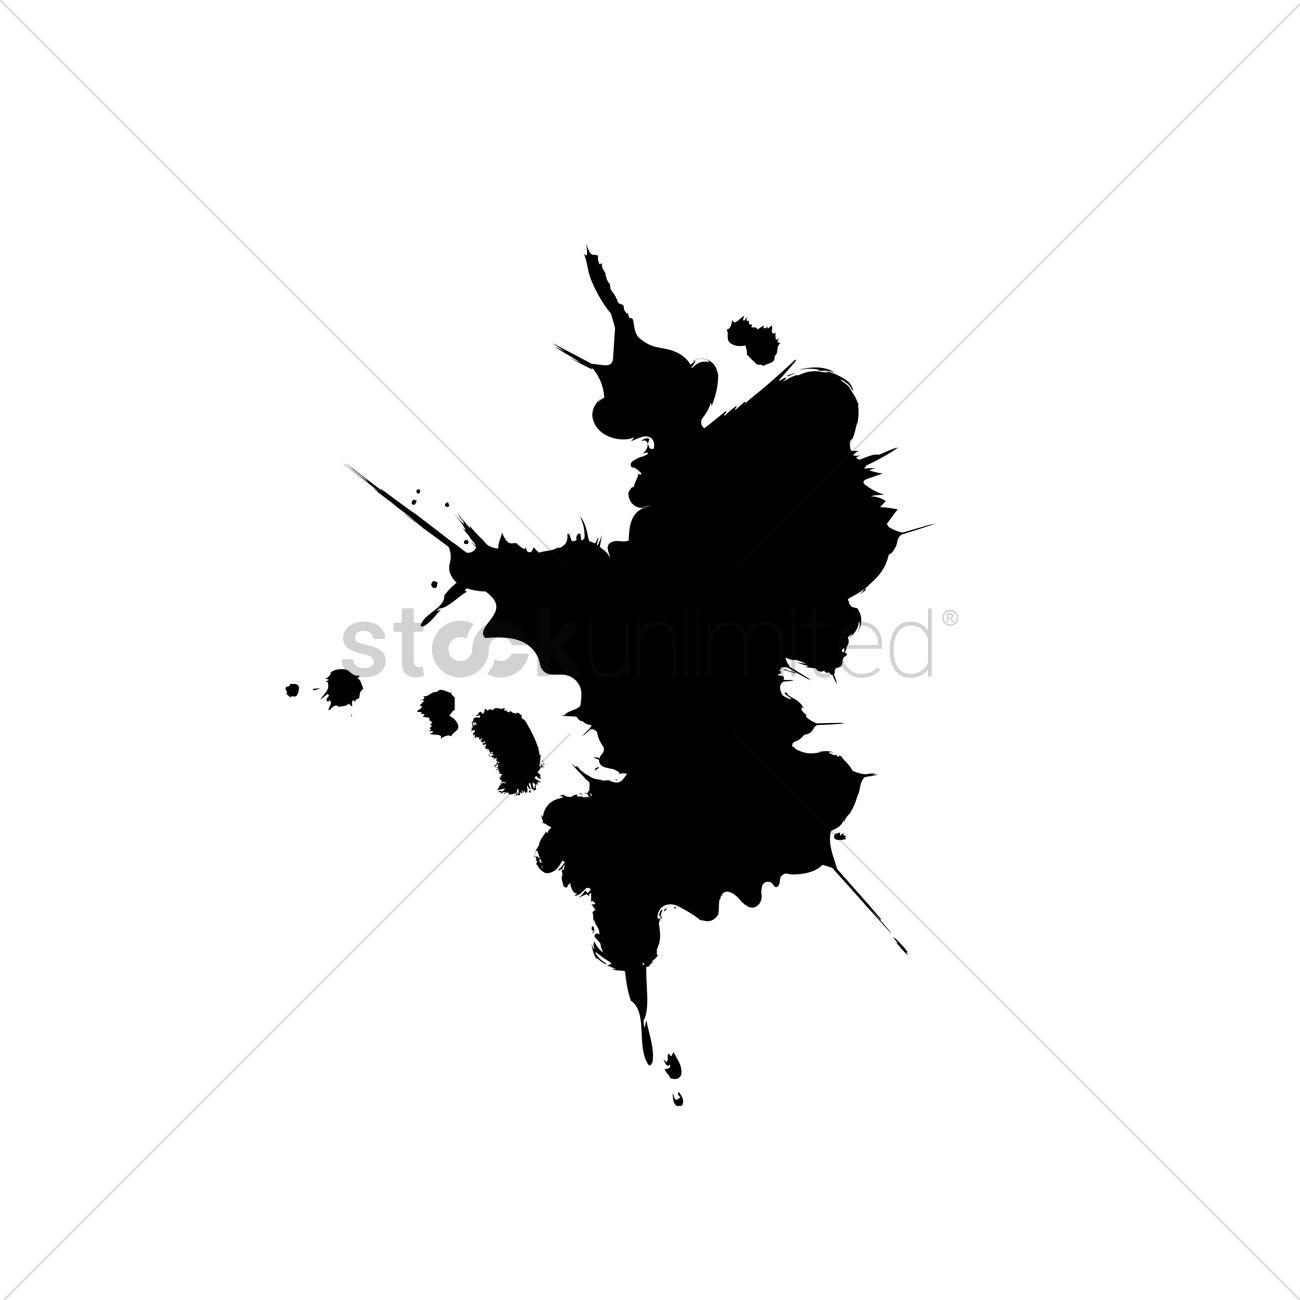 1300x1300 Ink Splash Vector Image